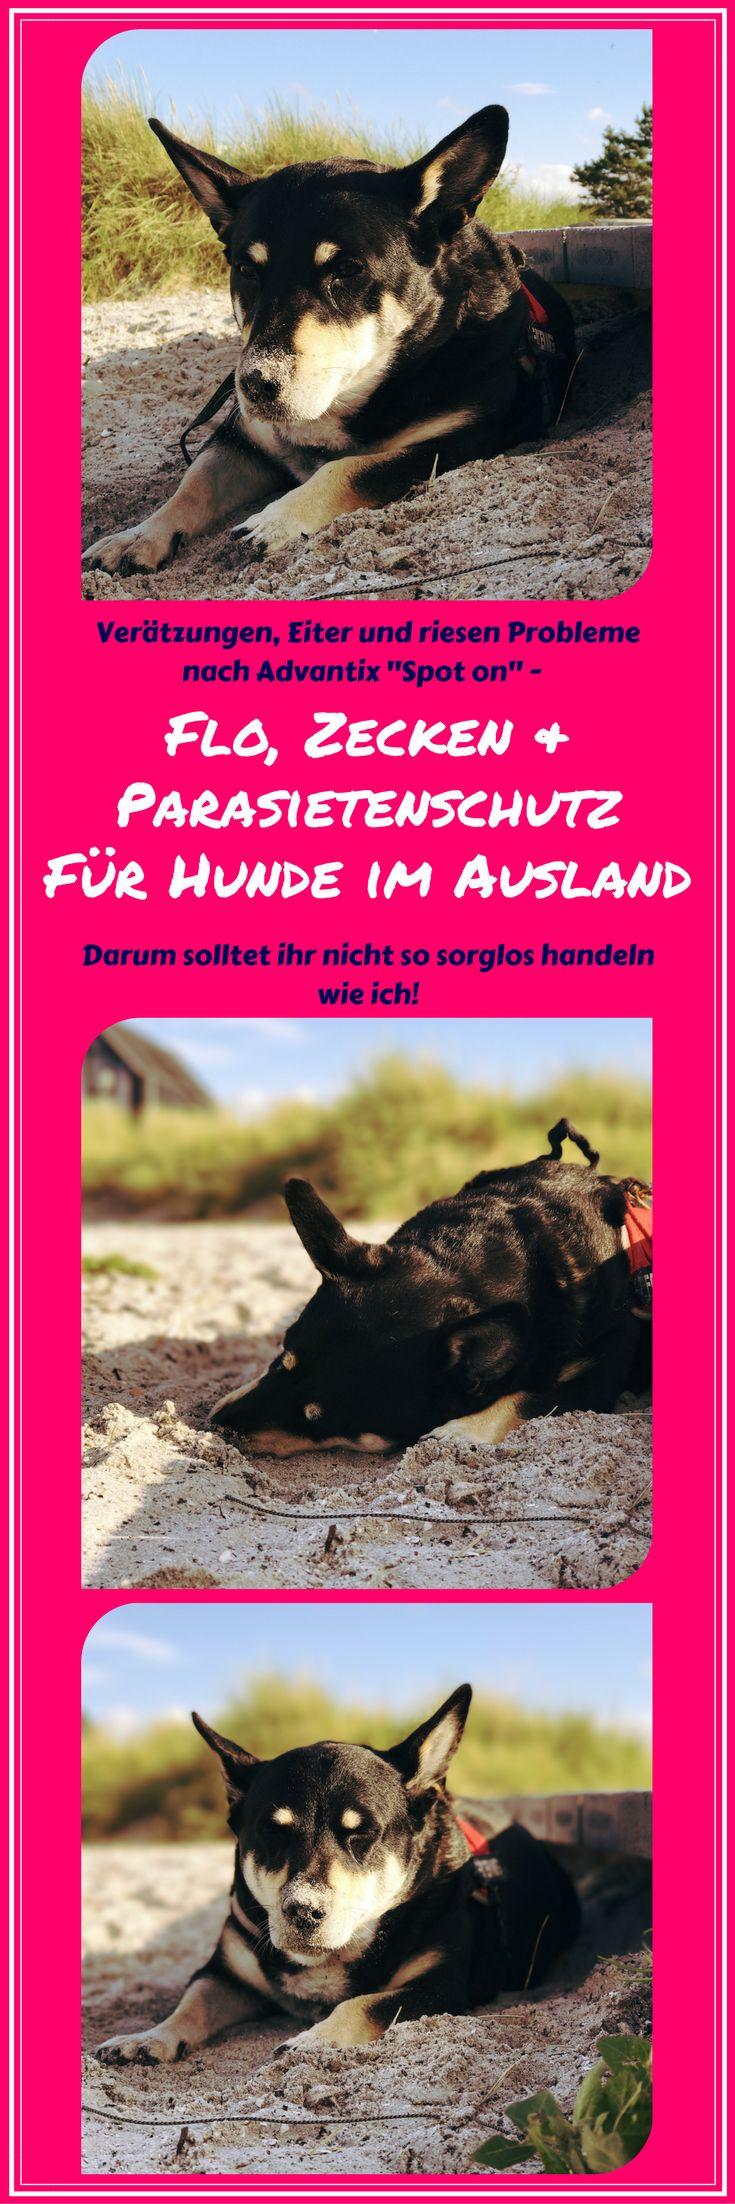 Camping mit Hund und unsere riesen Probleme nach dem Nutzen von Advantix - Flo und Zecken Schutz Spot on